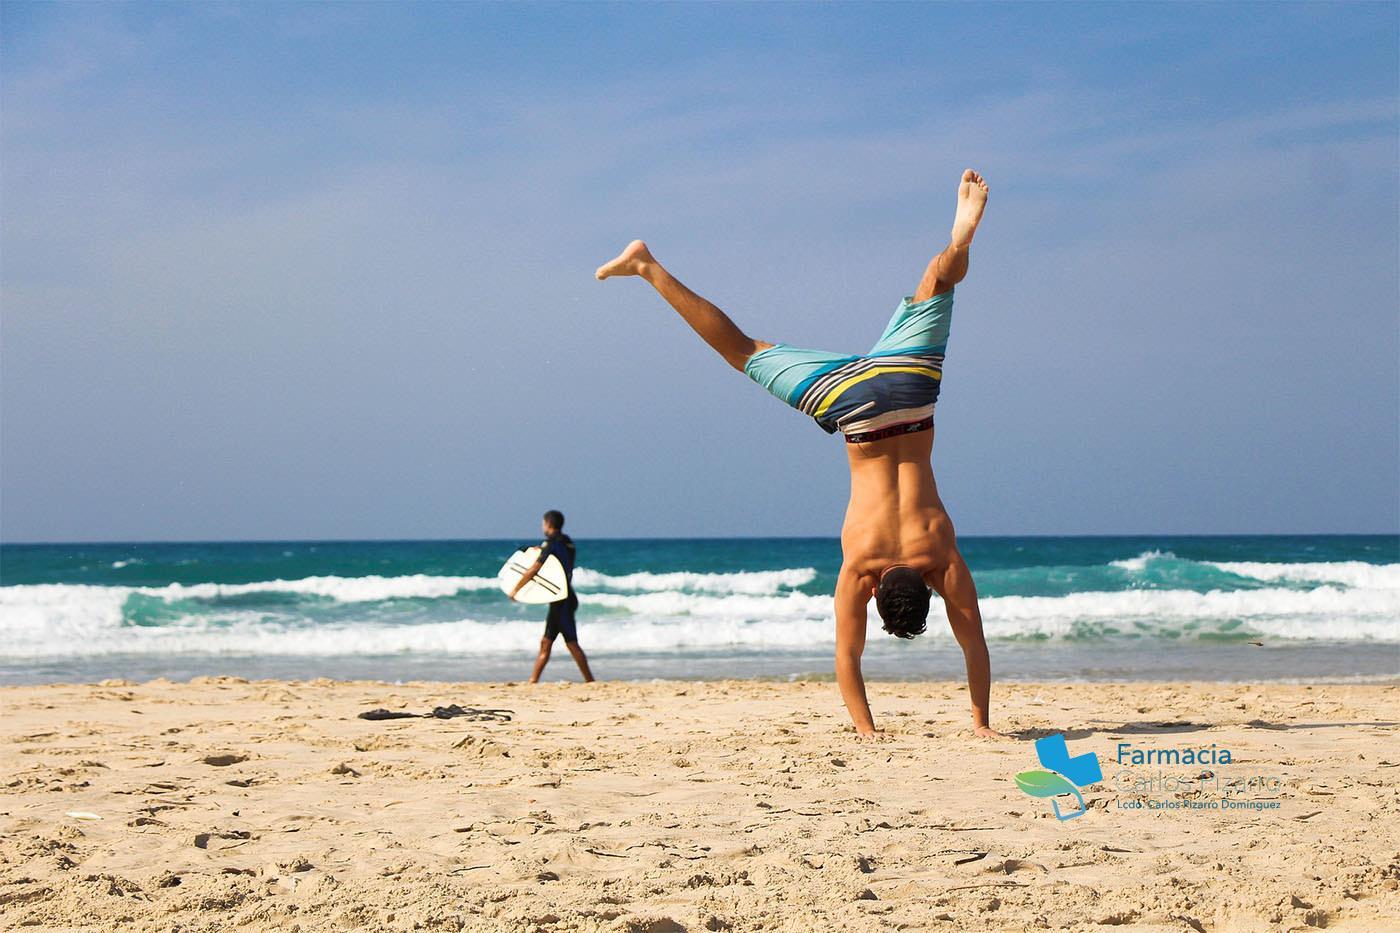 Beneficios de practicar deporte - Blog - Farmacia Carlos Pizarro - Farmacia Corralejo